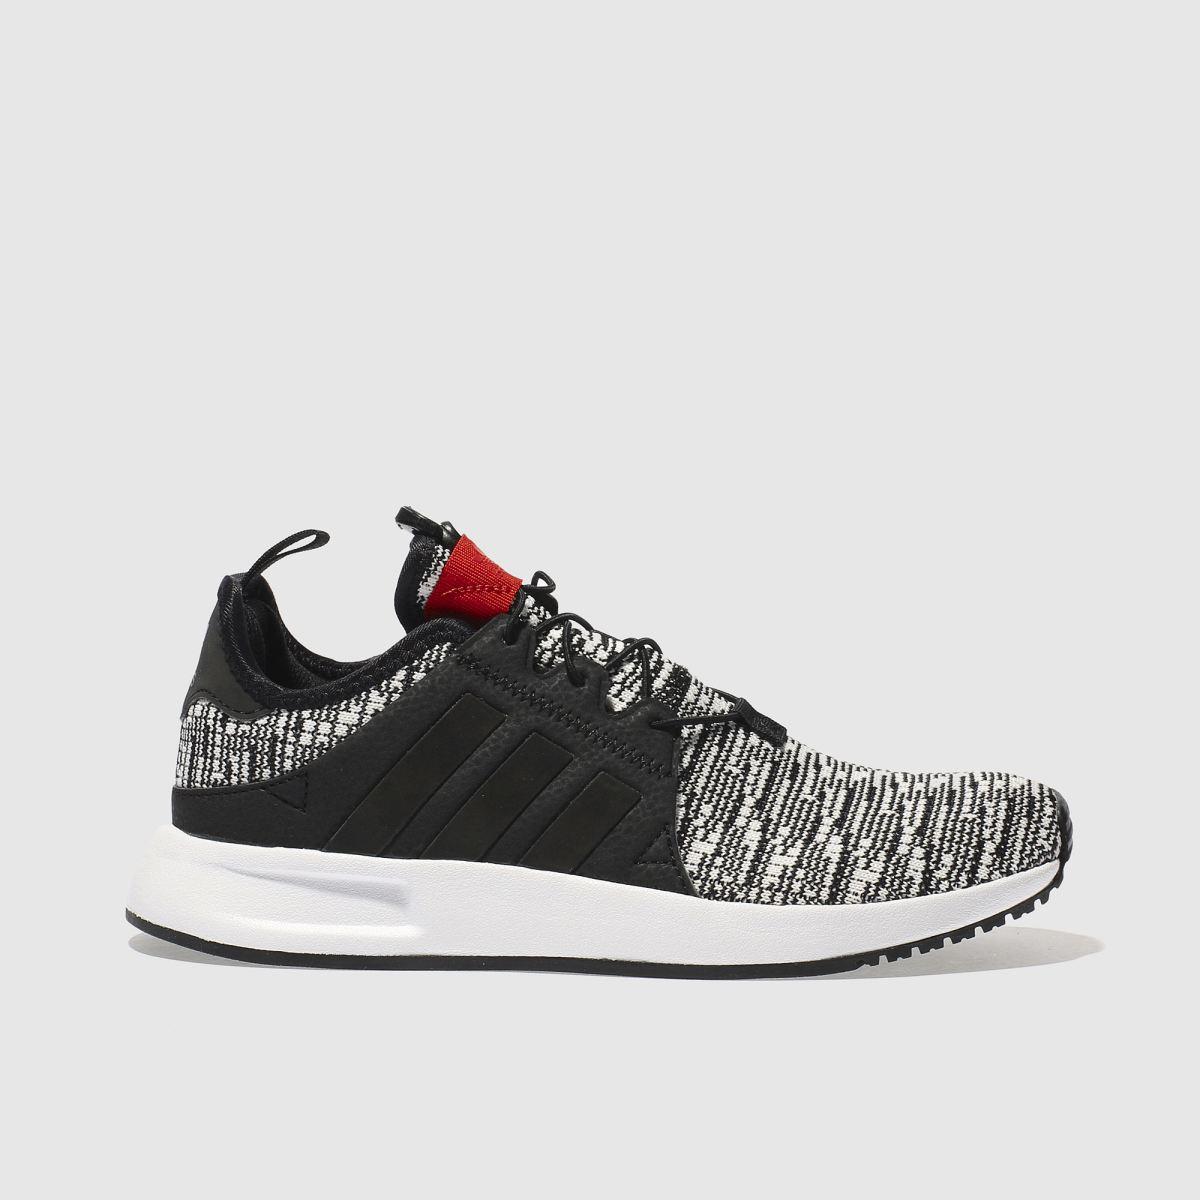 adidas white & black x_ plr trainers